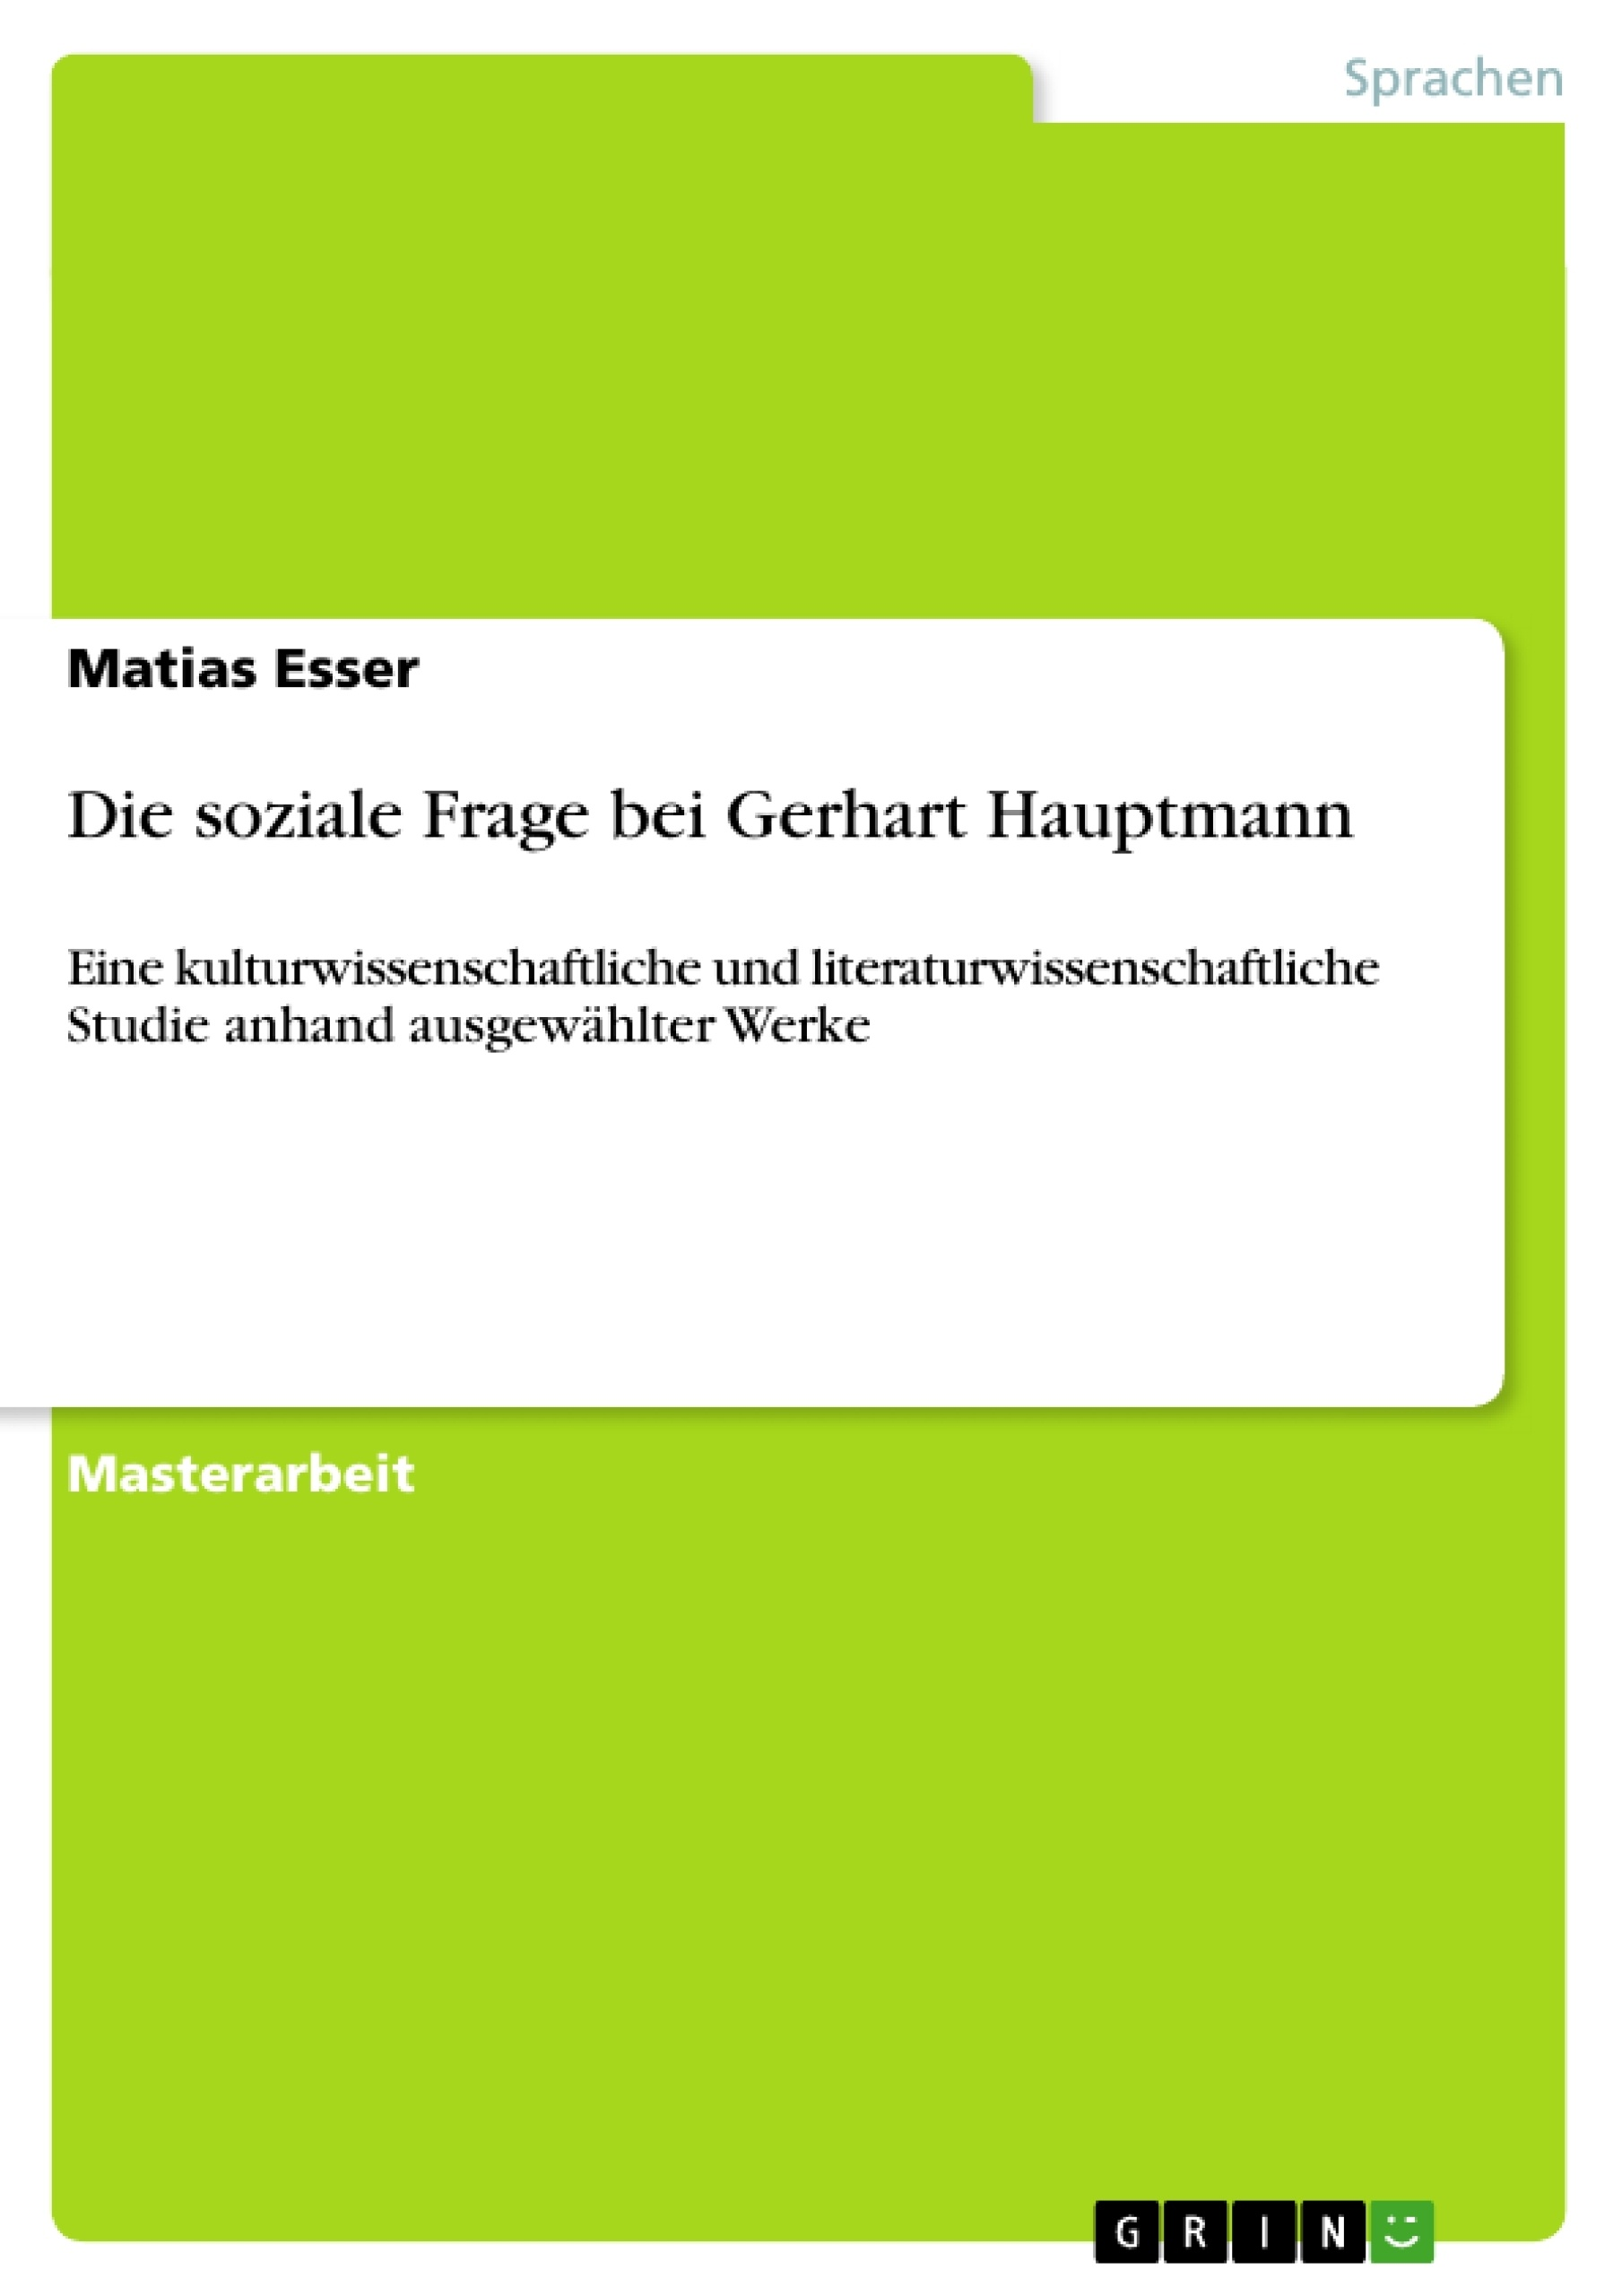 Titel: Die soziale Frage bei Gerhart Hauptmann